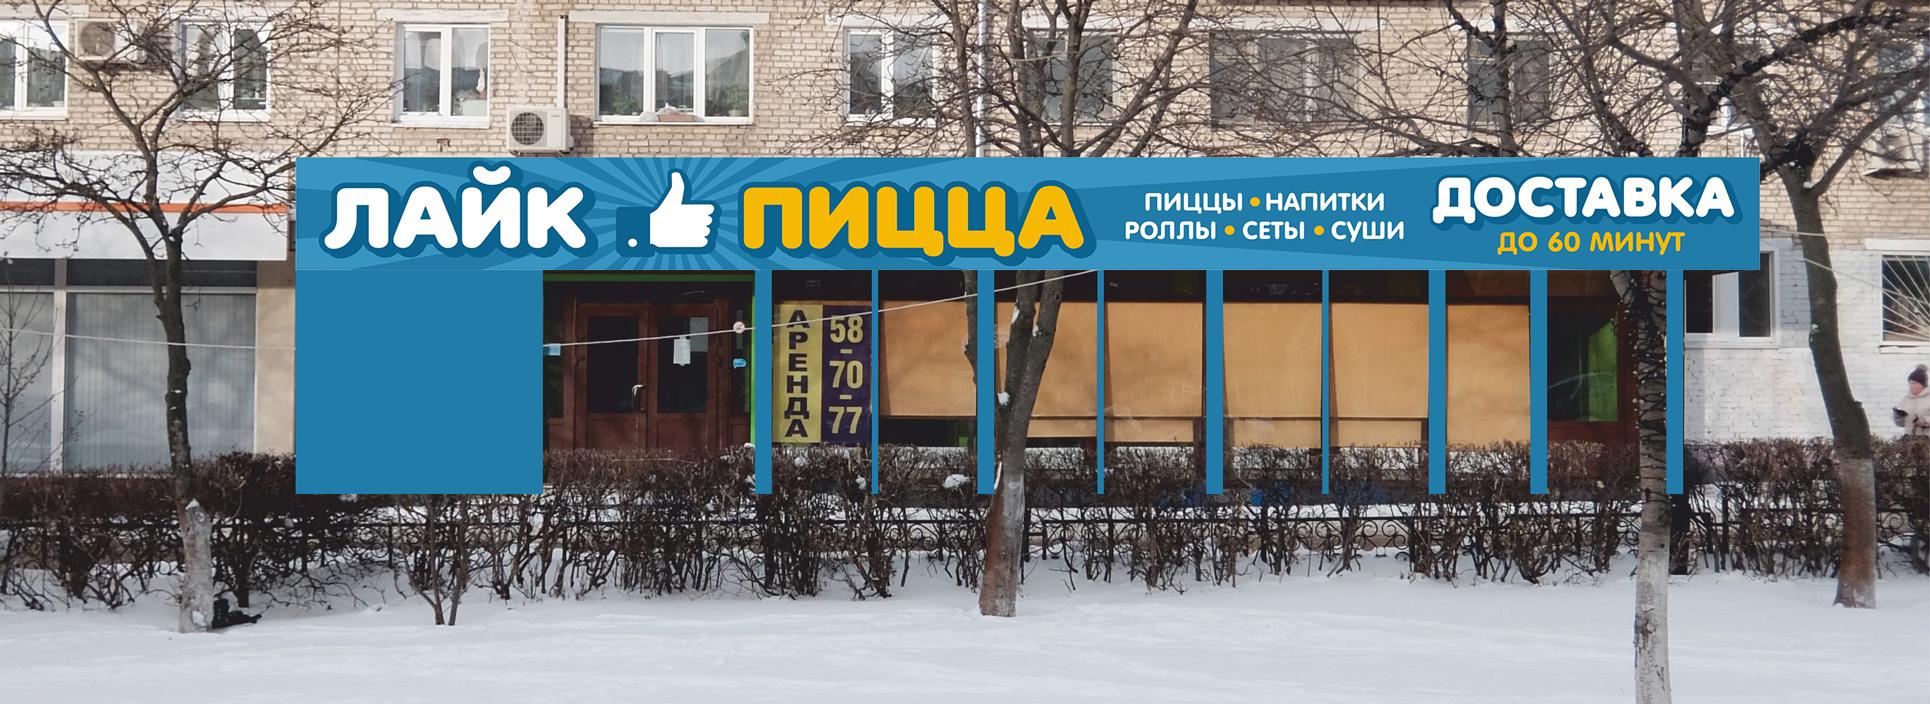 Дизайн уличного козырька с вывеской для пиццерии фото f_510587348ba16608.jpg